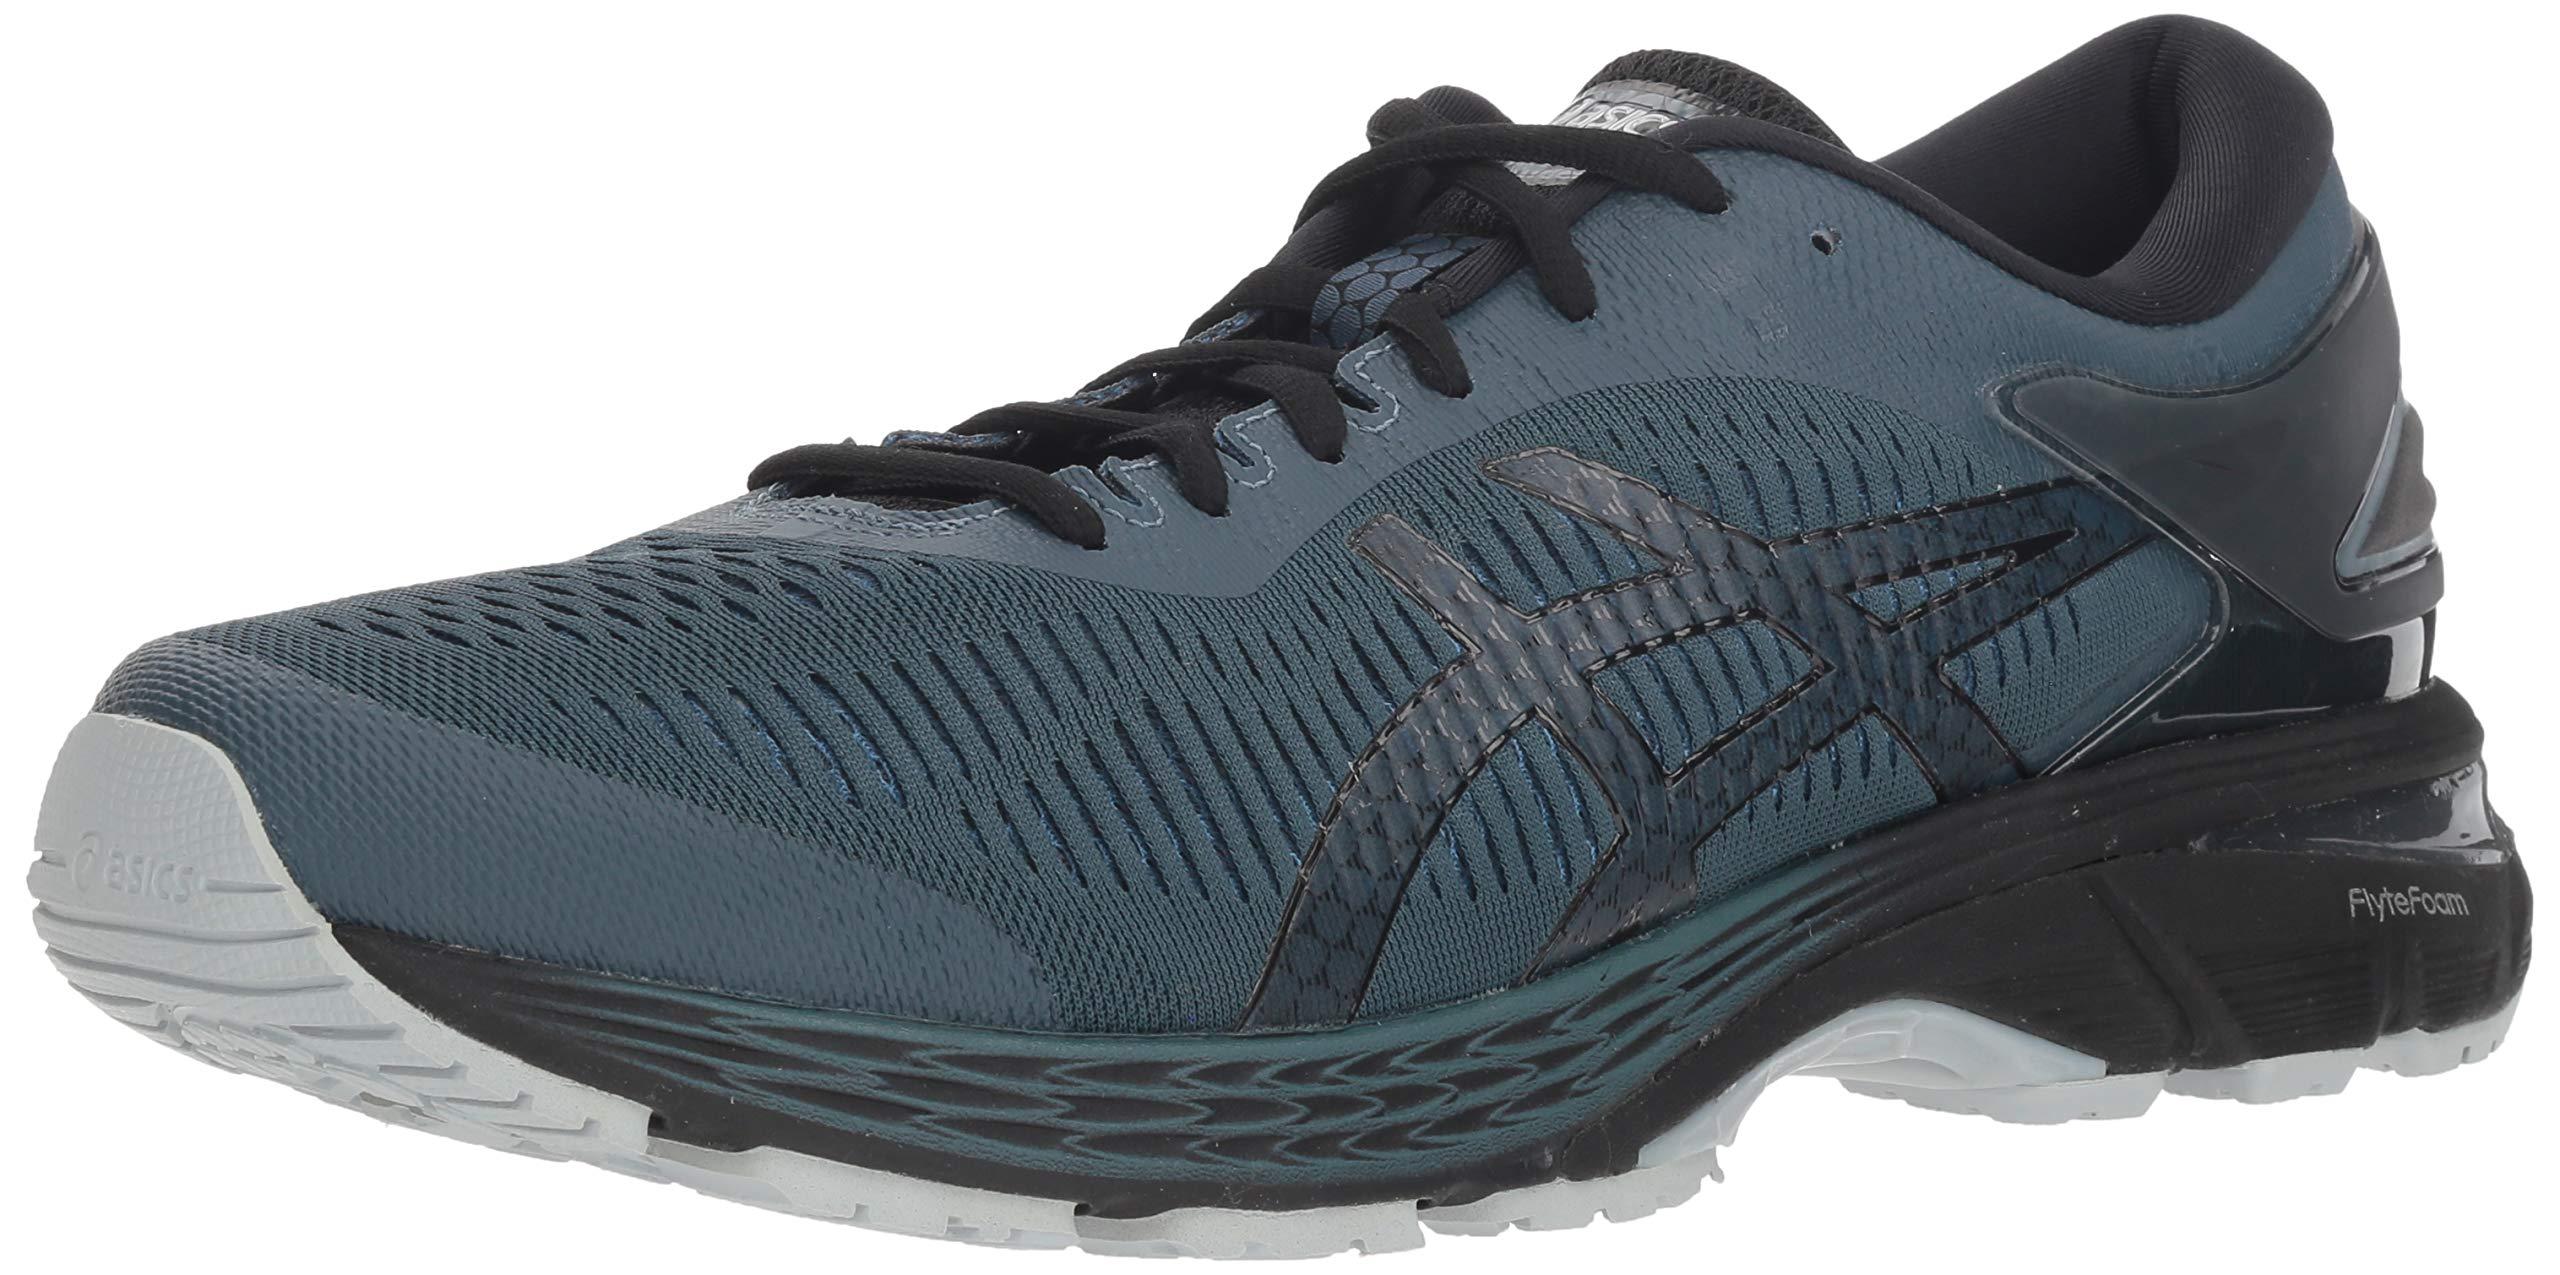 ASICS Men's Gel-Kayano 25 Running Shoe, Ironclad/Black, 13 D(M) US